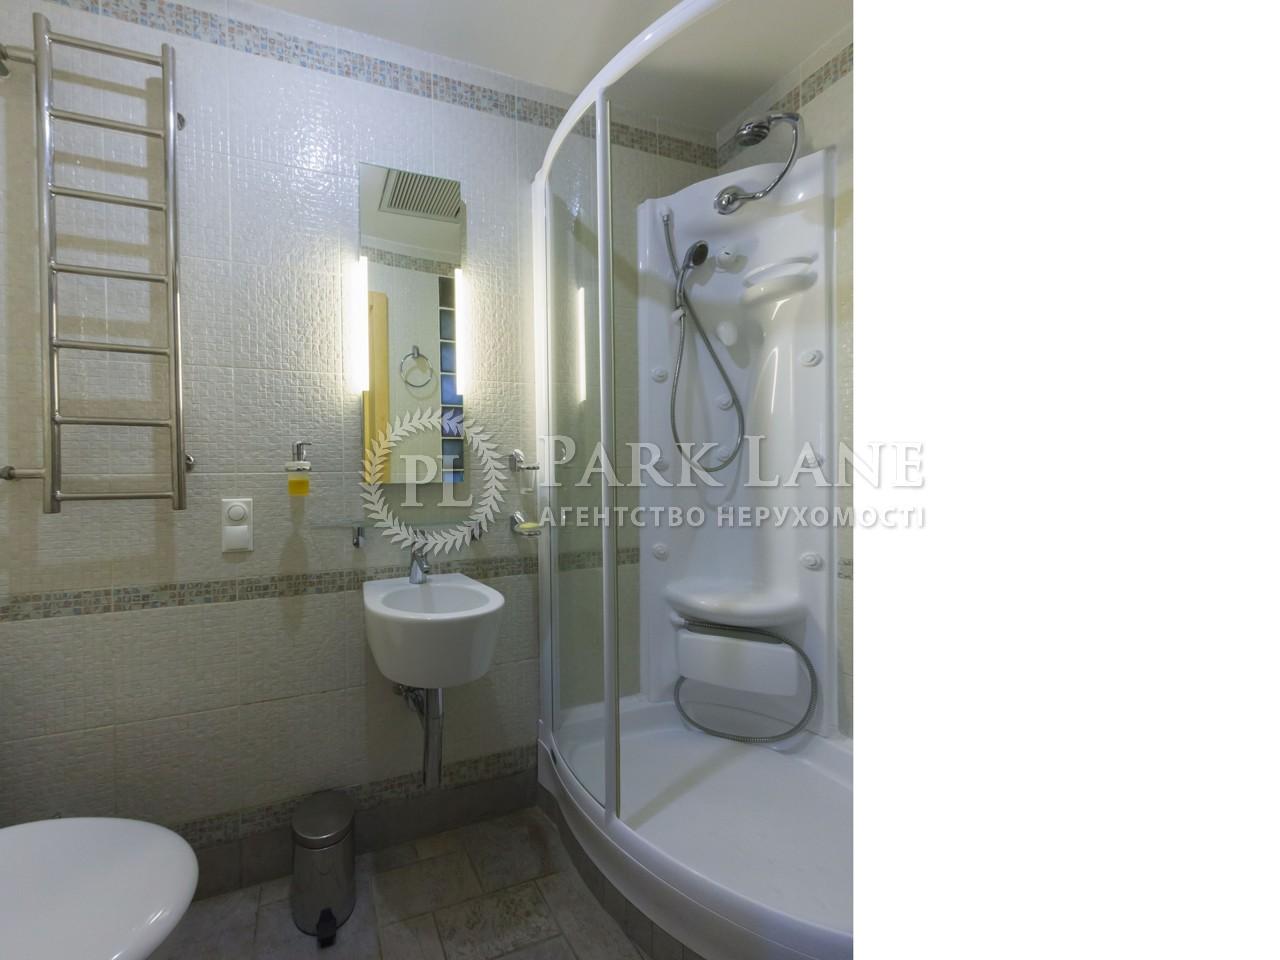 Квартира ул. Ковпака, 17, Киев, R-20216 - Фото 11